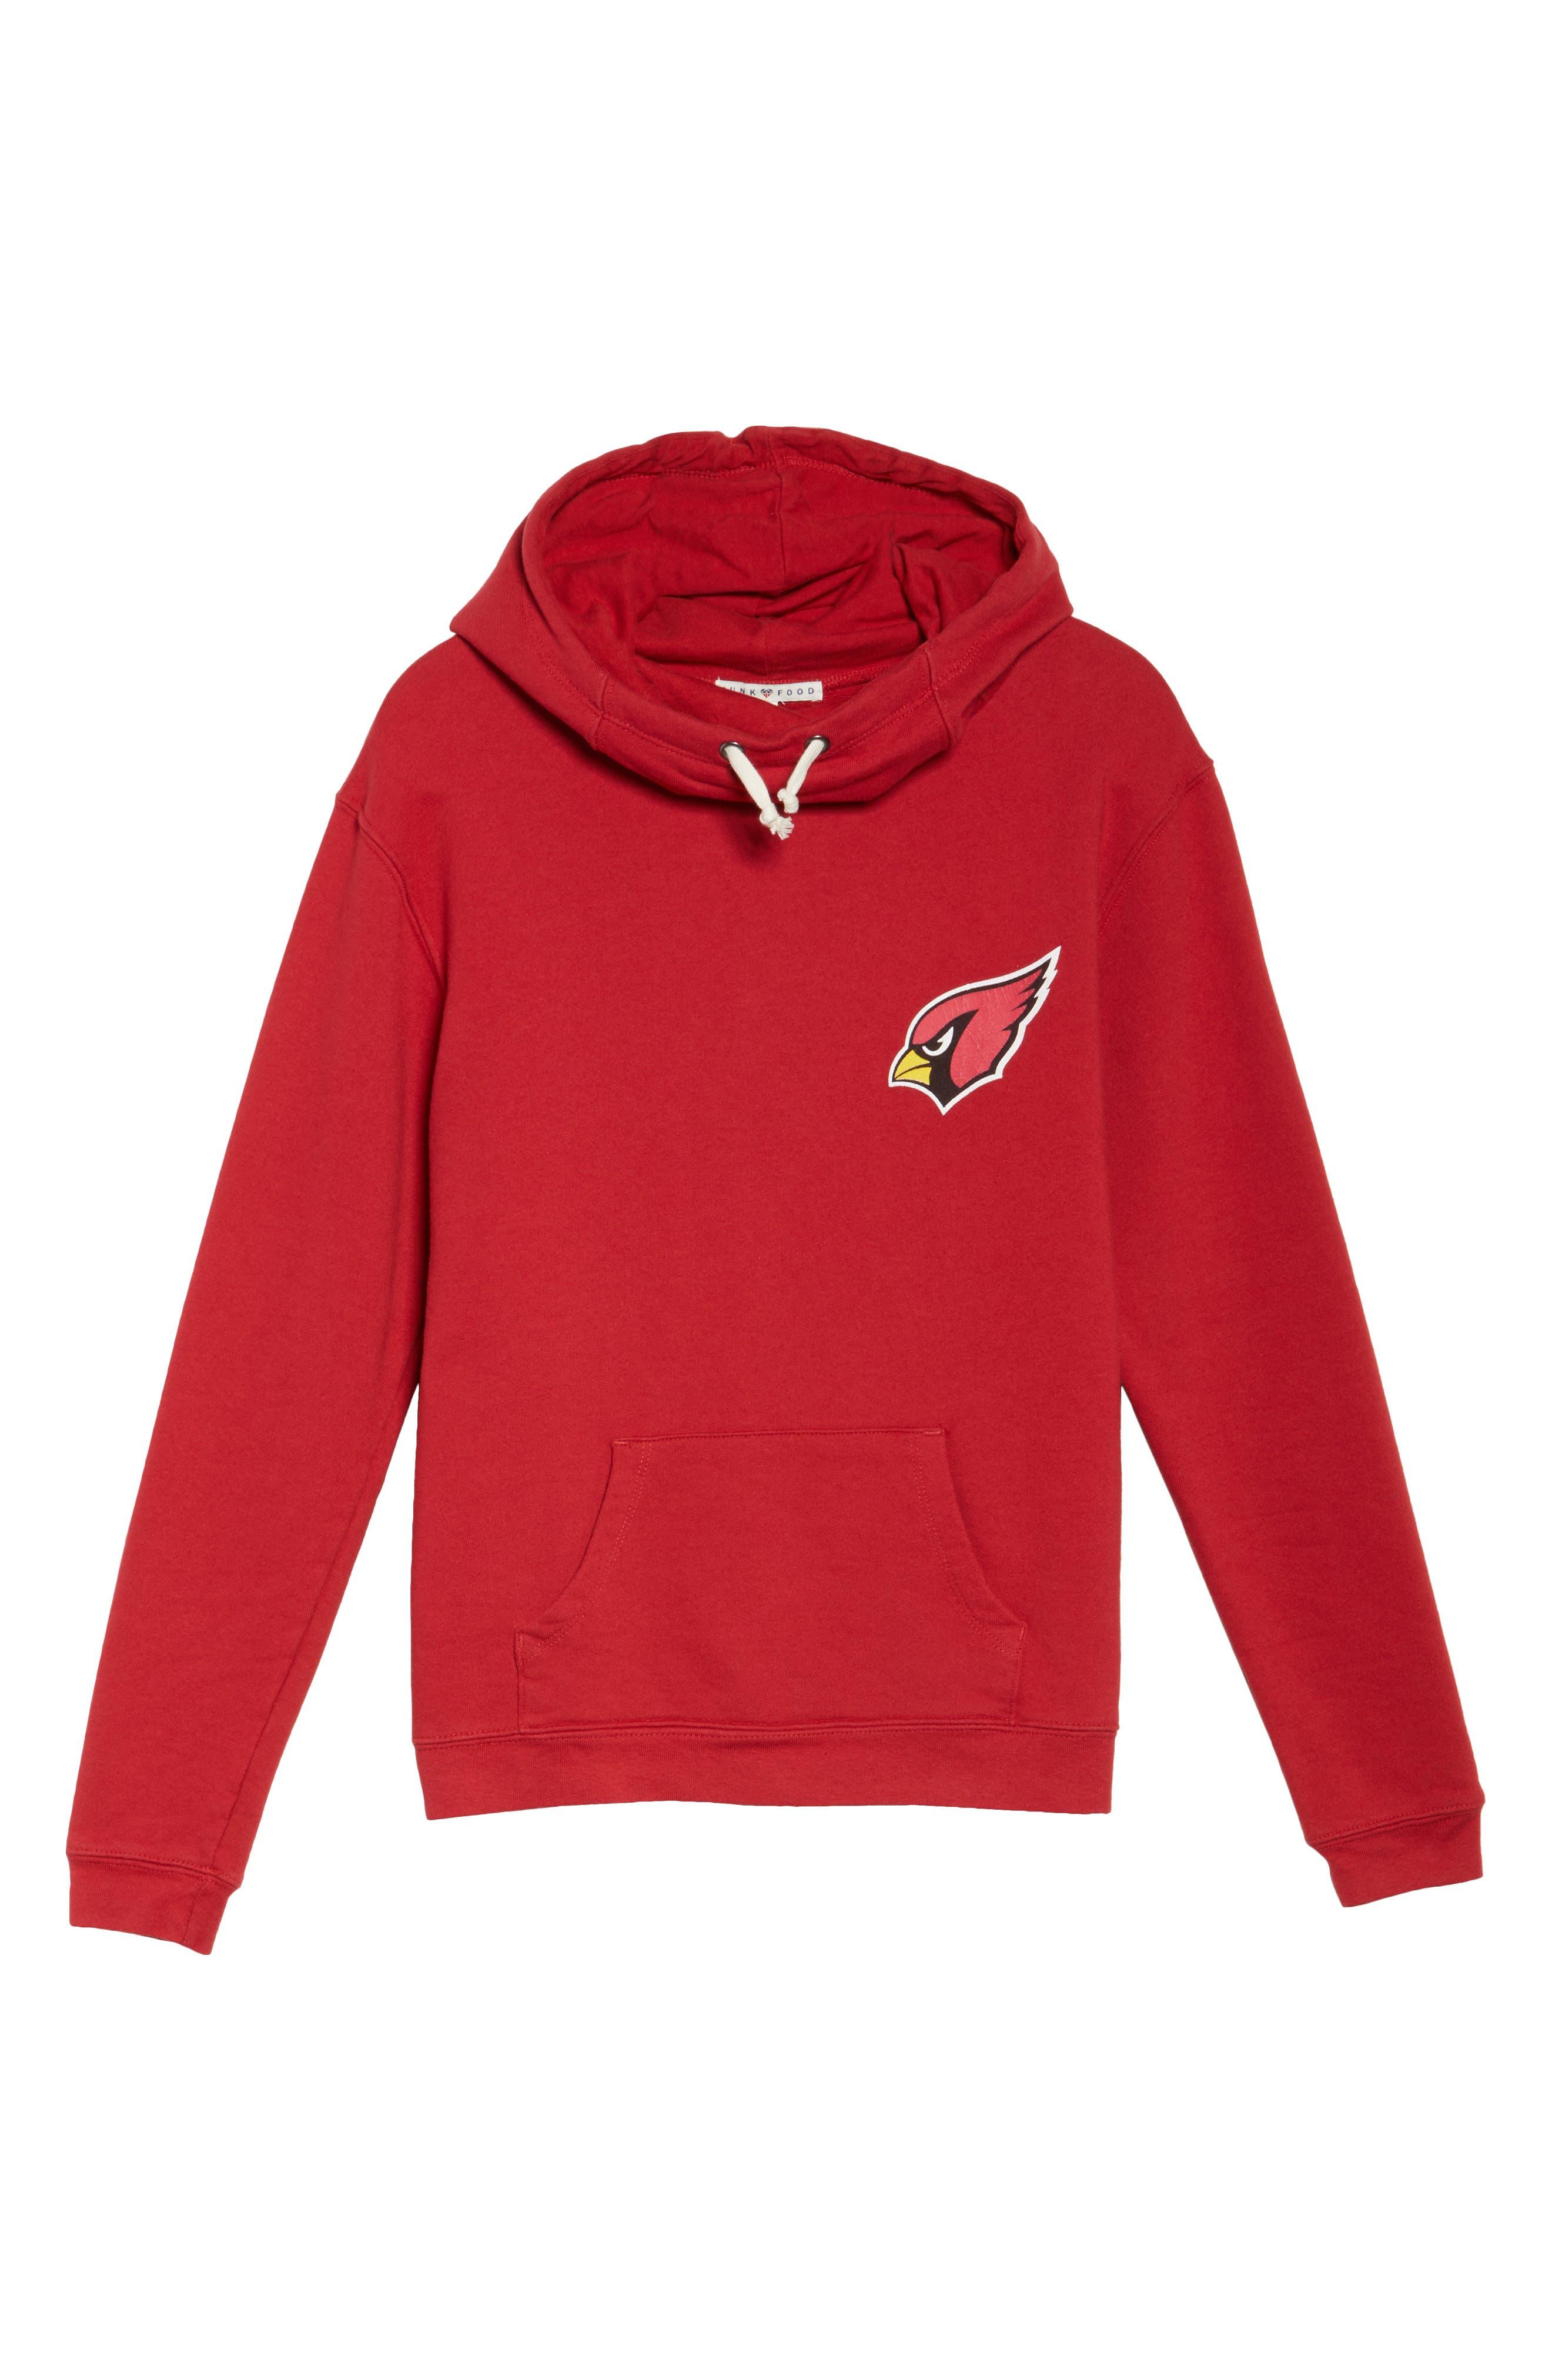 NFL Arizona Cardinals Sunday Hoodie,                             Alternate thumbnail 4, color,                             Cardinal